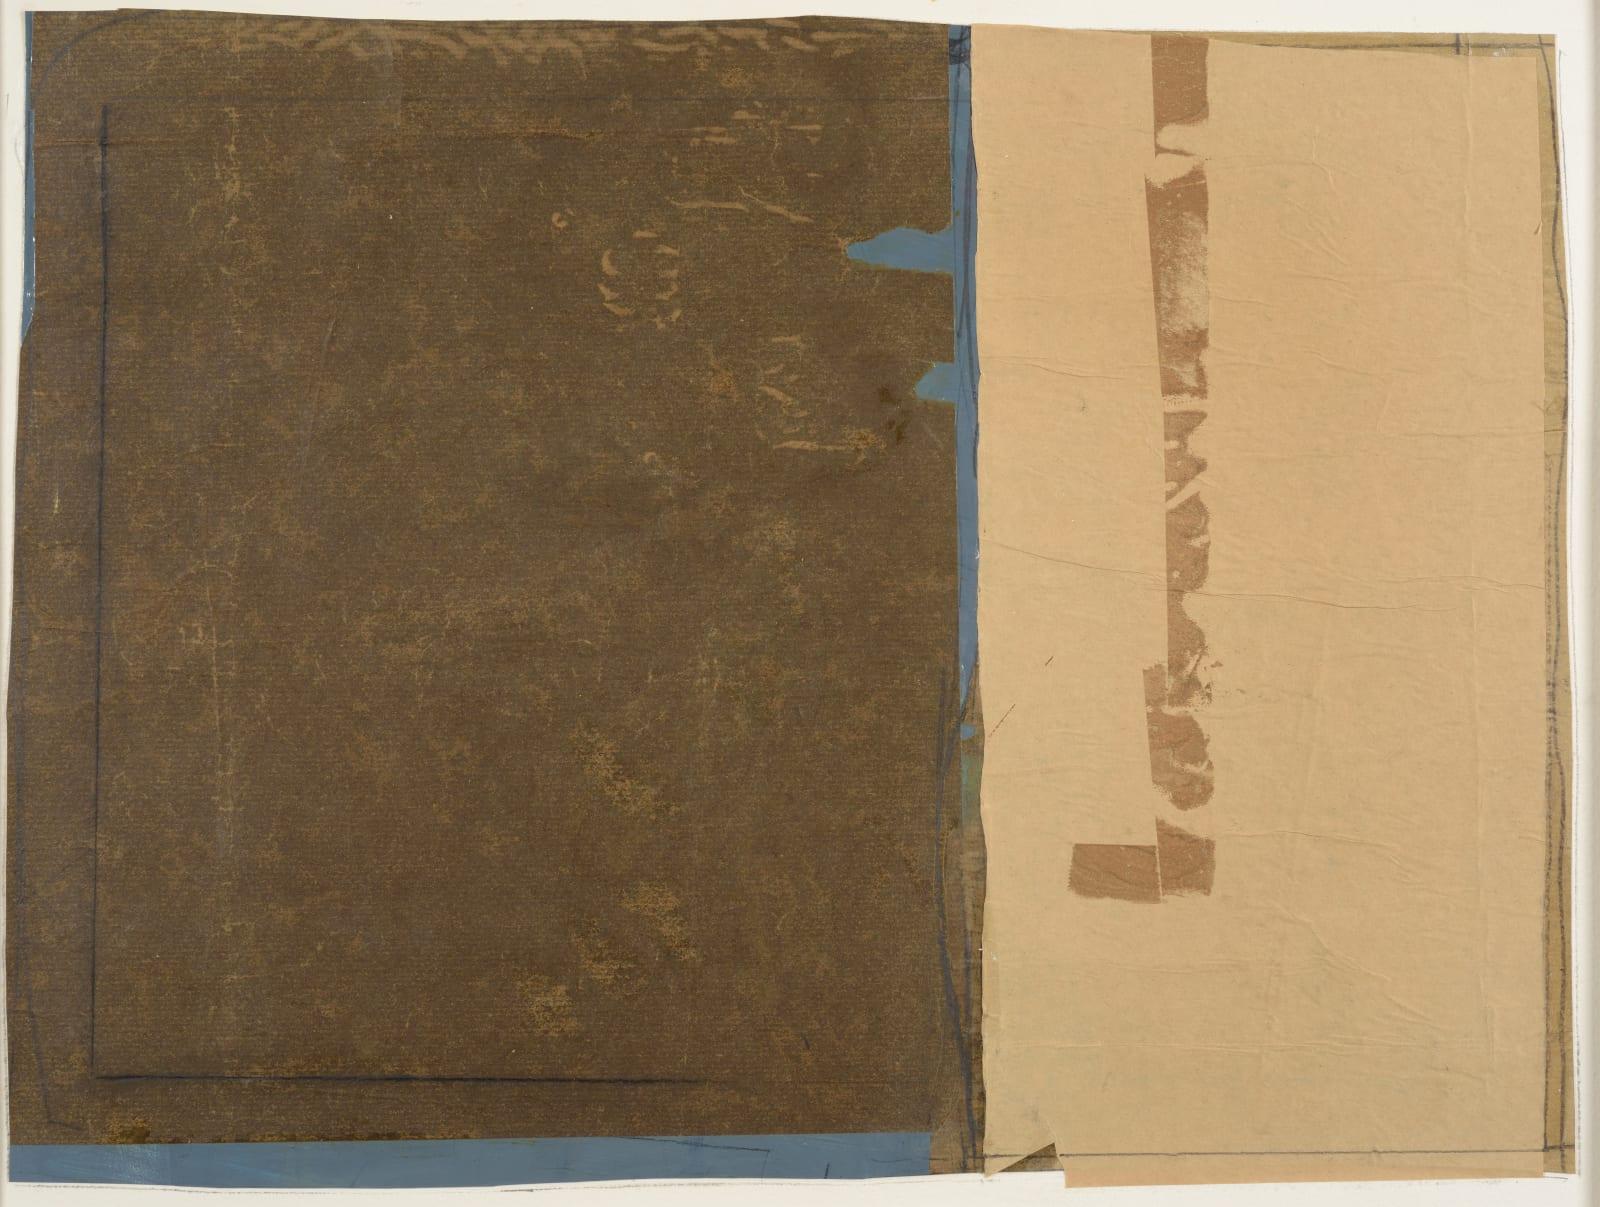 Frank Phelan, Collage II 2012